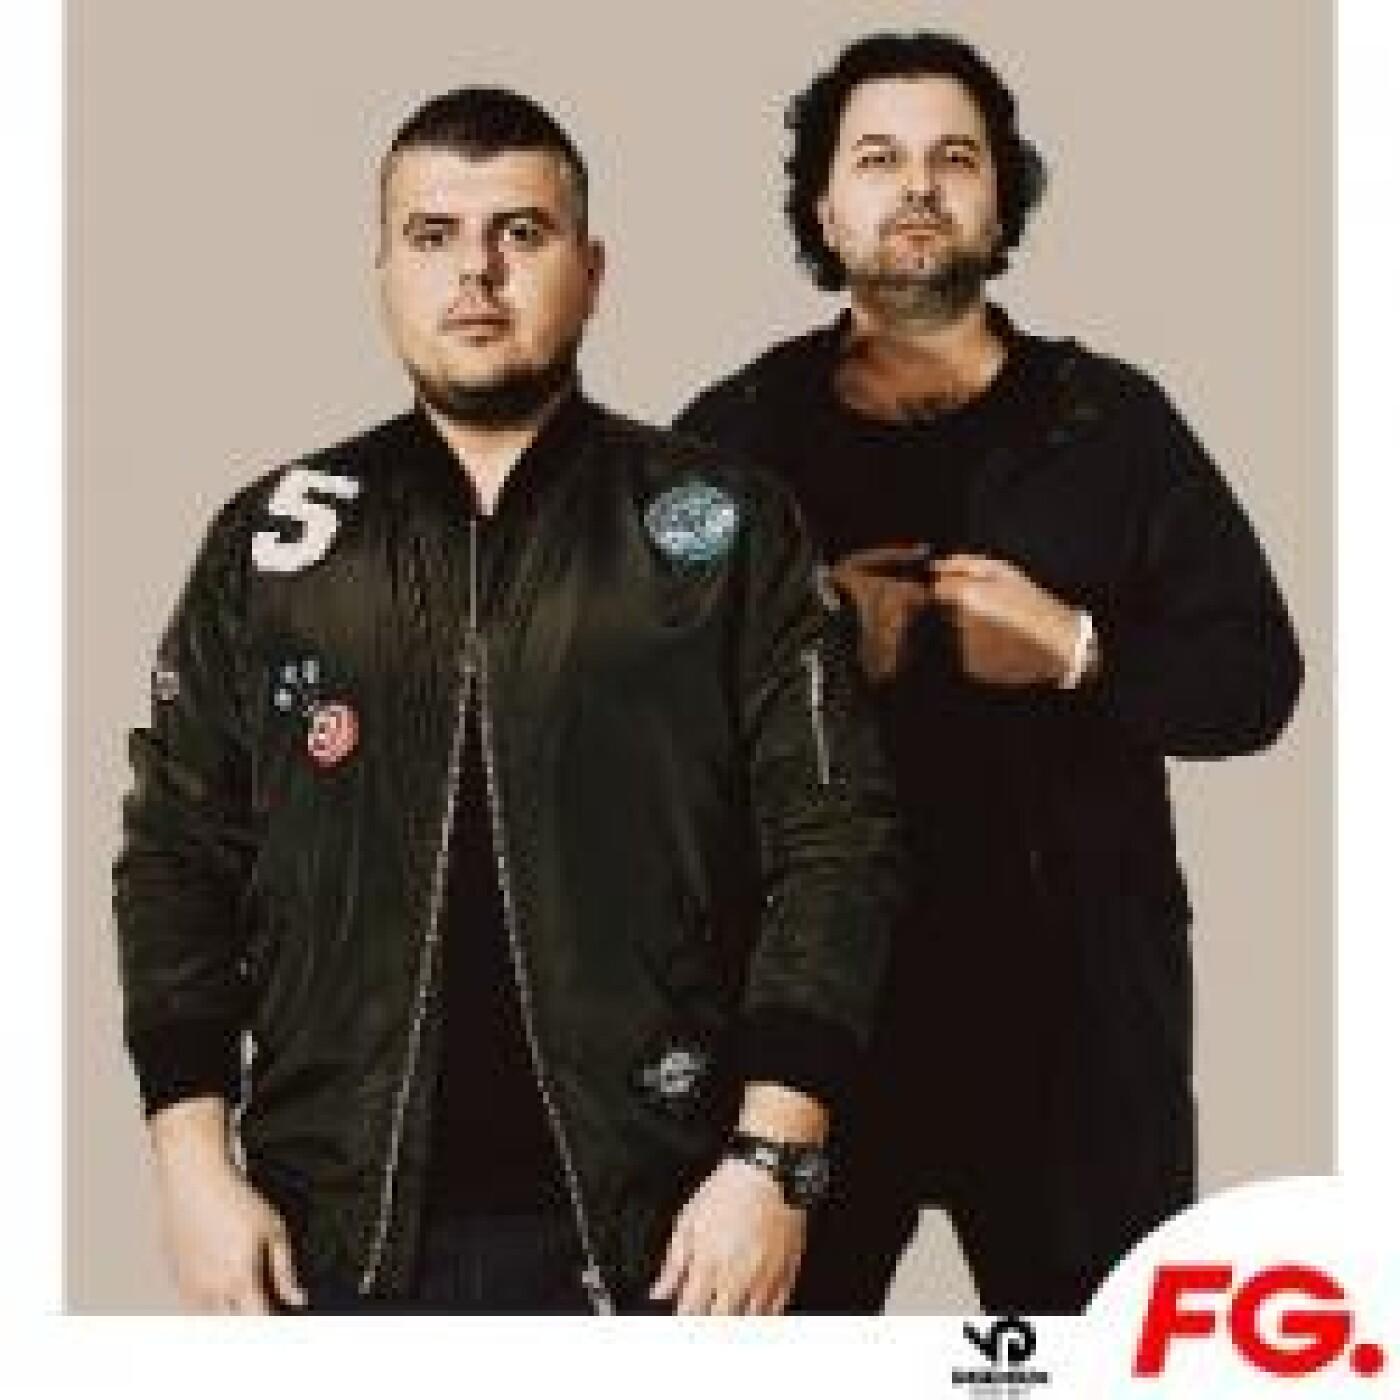 CLUB FG : EARTH N DAY